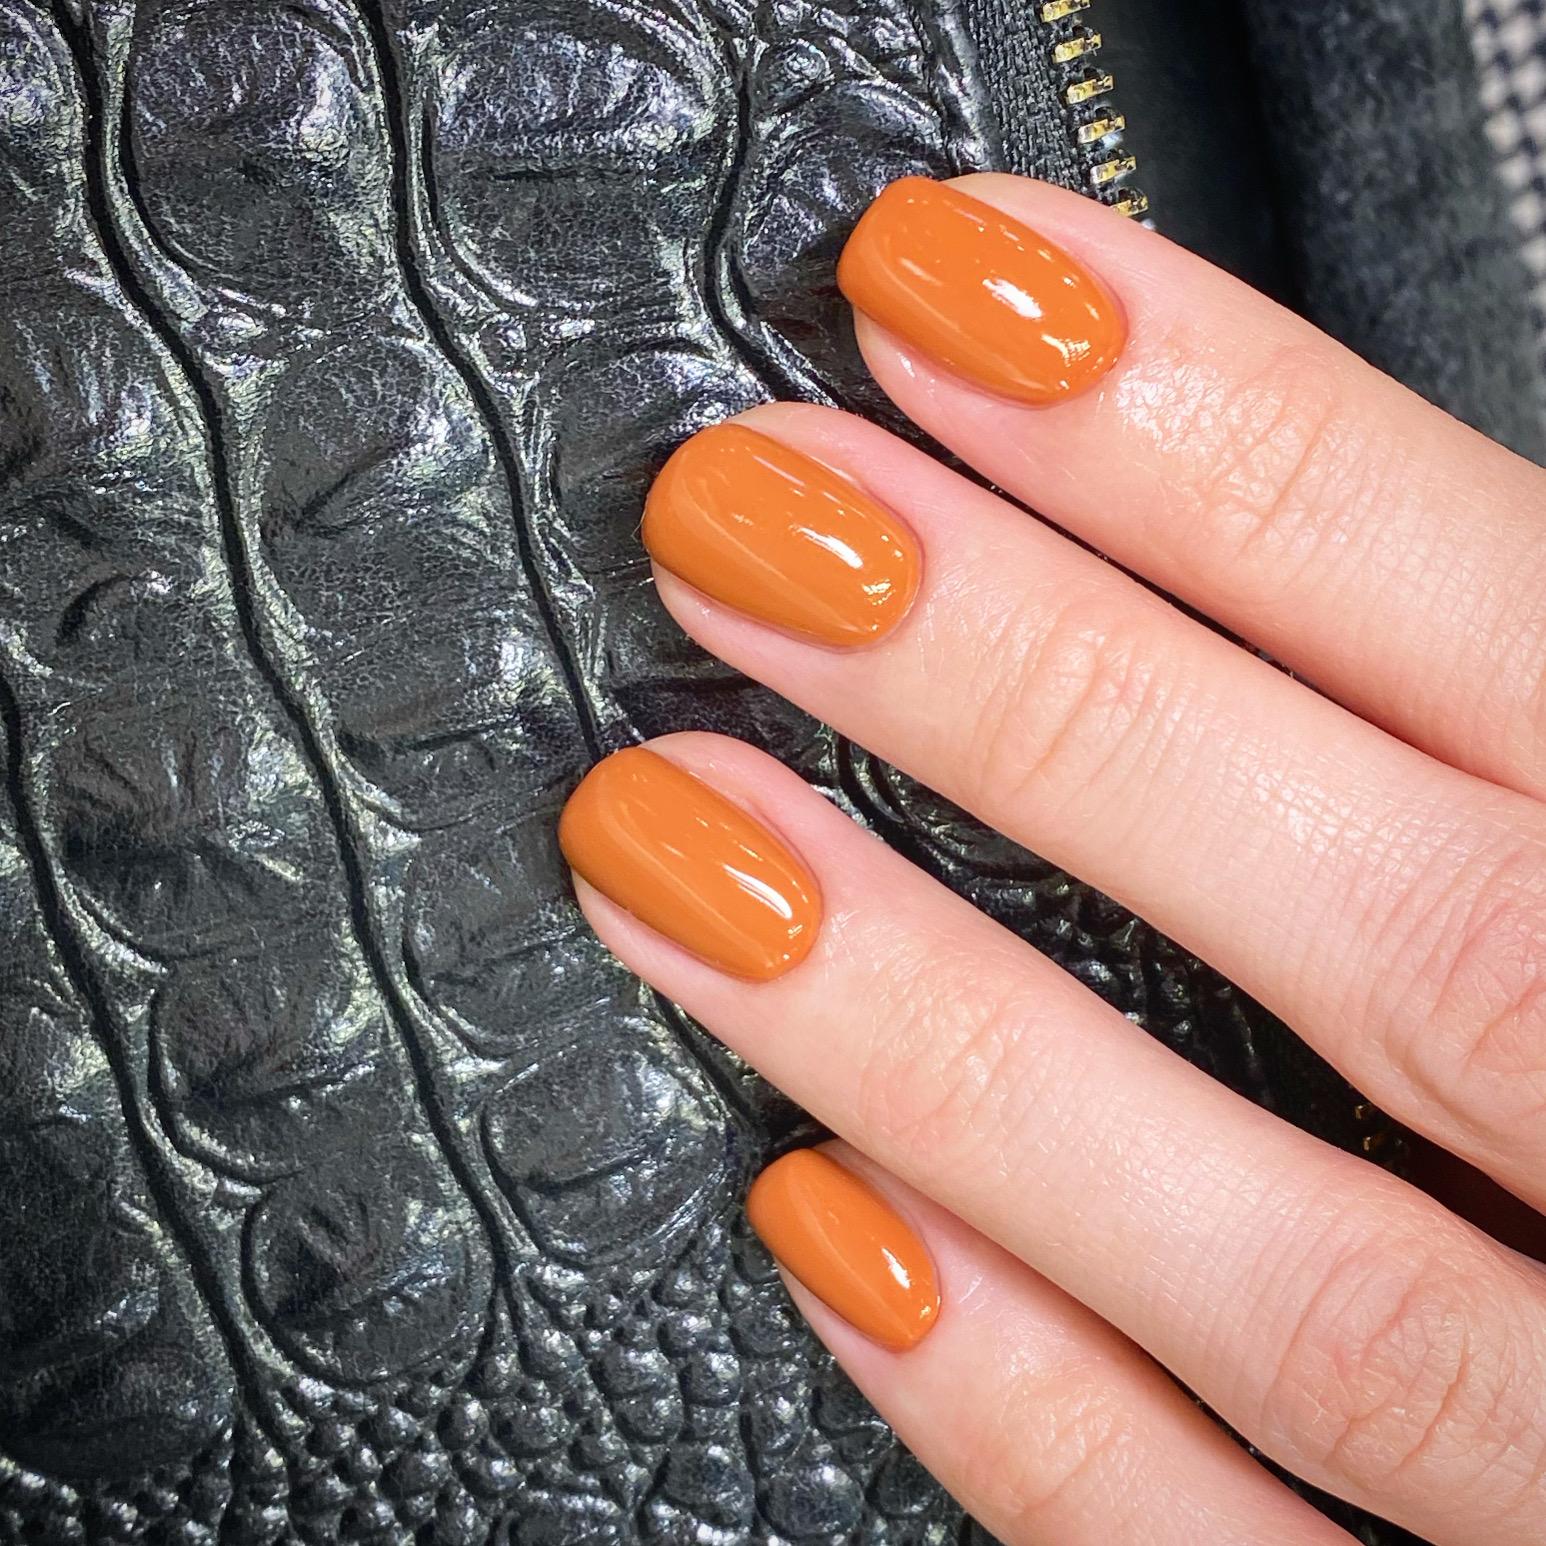 Маникюр в оранжевом цвете на короткие ногти.